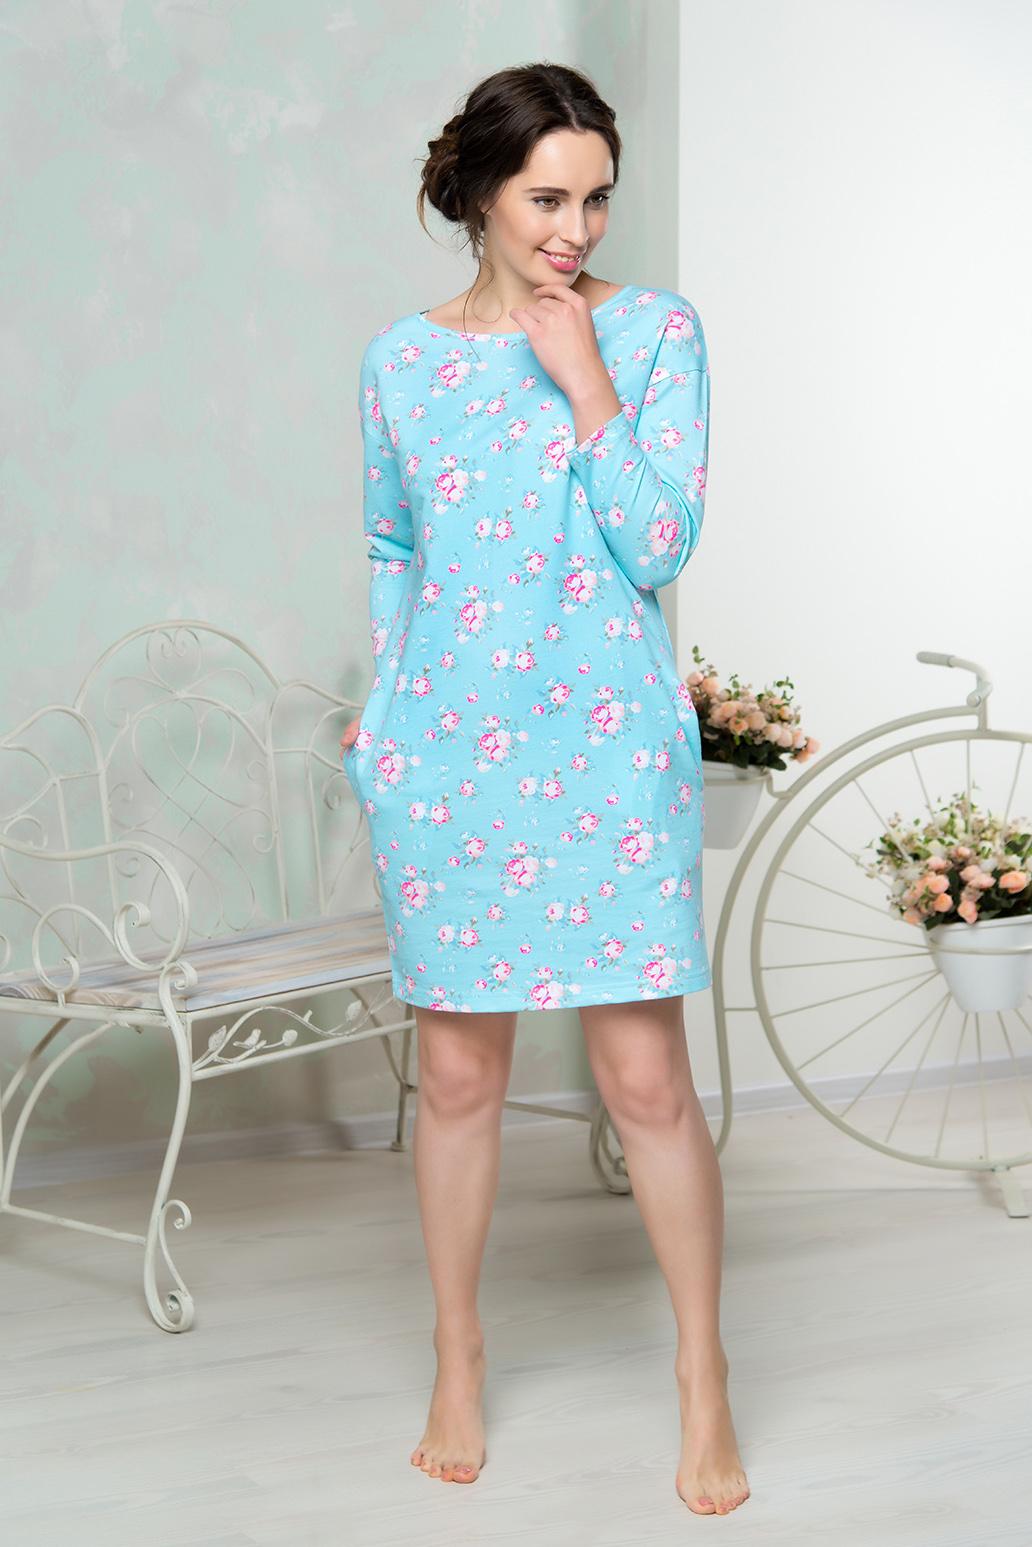 Платье домашнее Mia Cara, цвет: голубой. AW16-MCUZ-851. Размер 54/56AW16-MCUZ-851Платье домашнее Mia Cara выполнено с длинными рукавами и цветочным принтом. Модель изготовлена из высококачественного хлопка с добавлением эластана. Спинка дополнена вырезом и завязками, по бокам имеются врезные карманы.